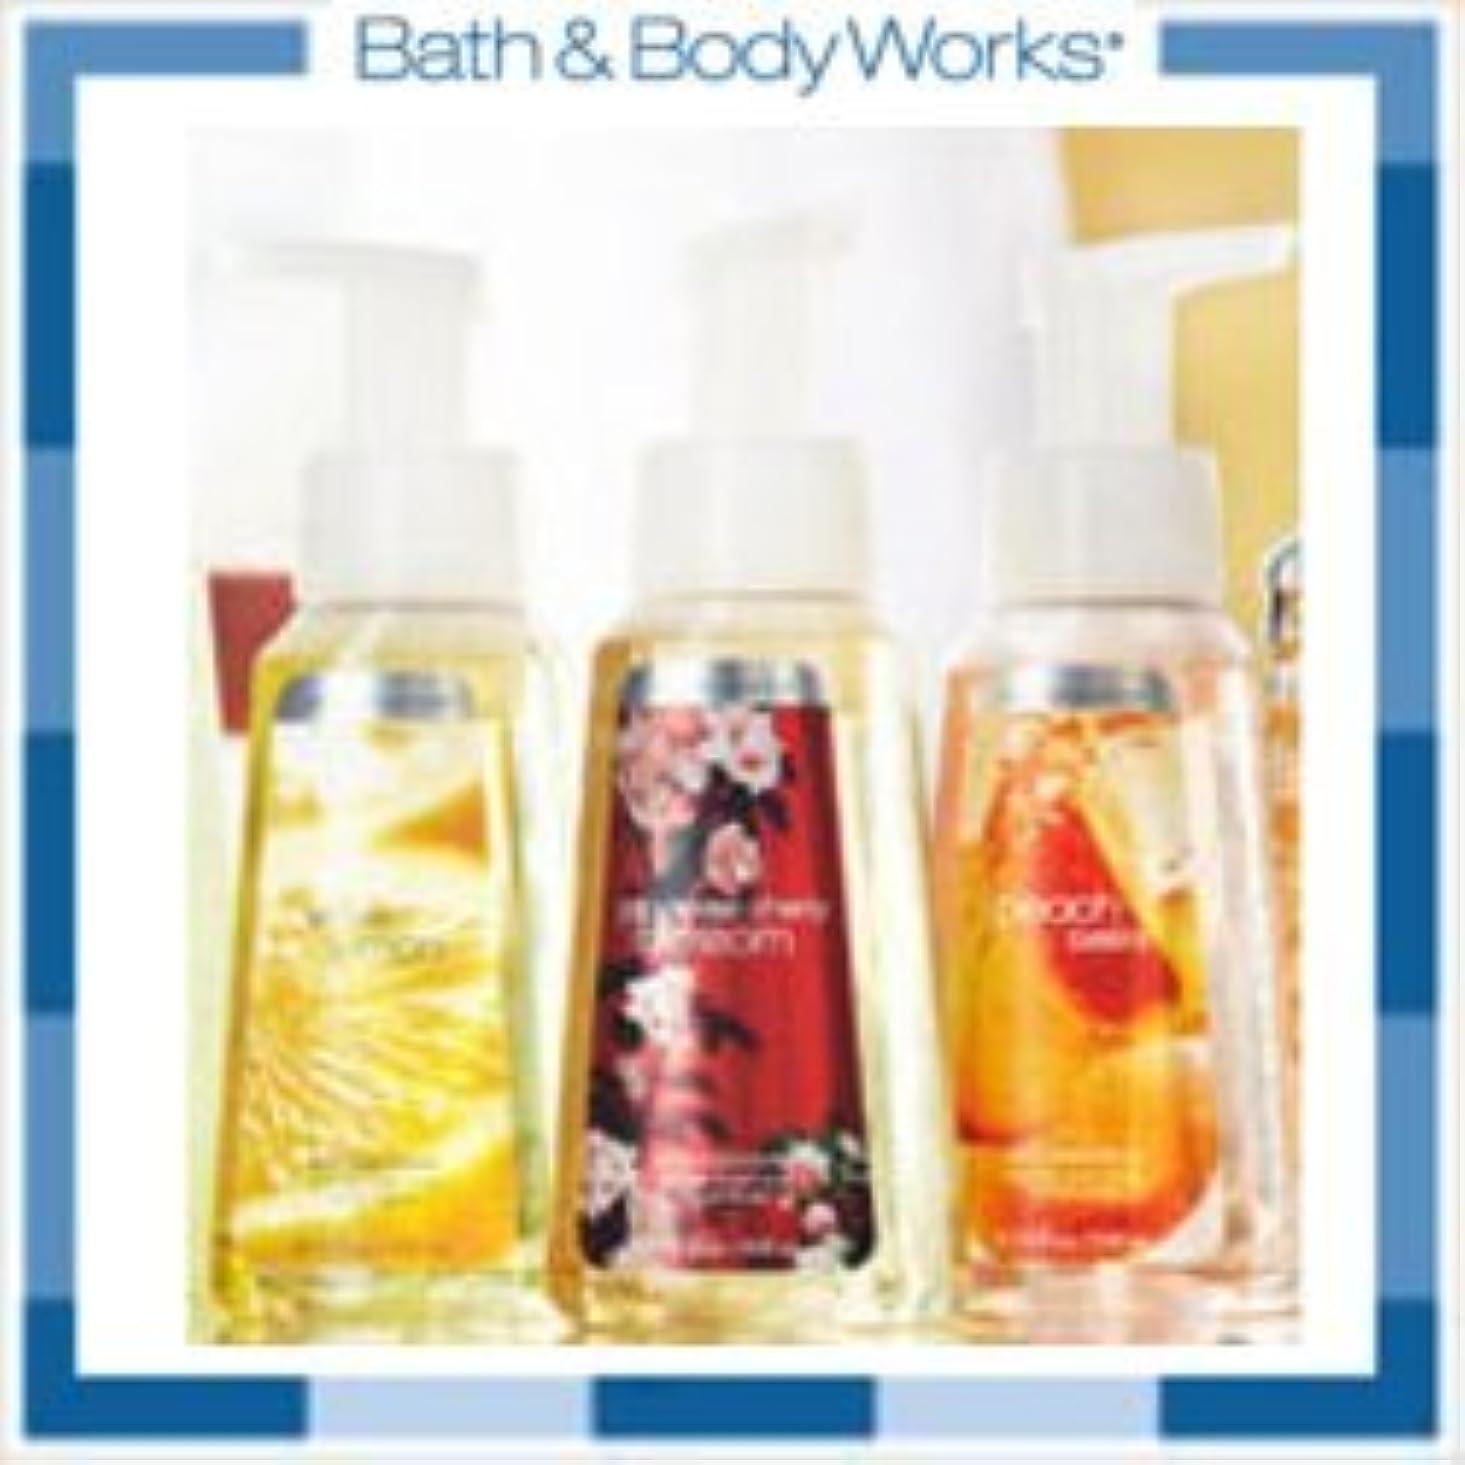 ポゴスティックジャンプ移民嫉妬Bath & Body Works ハンドソープ 8本詰め合わせセット (???????、??????????????or MIX) 【平行輸入品】 (フォーミング  (8本))